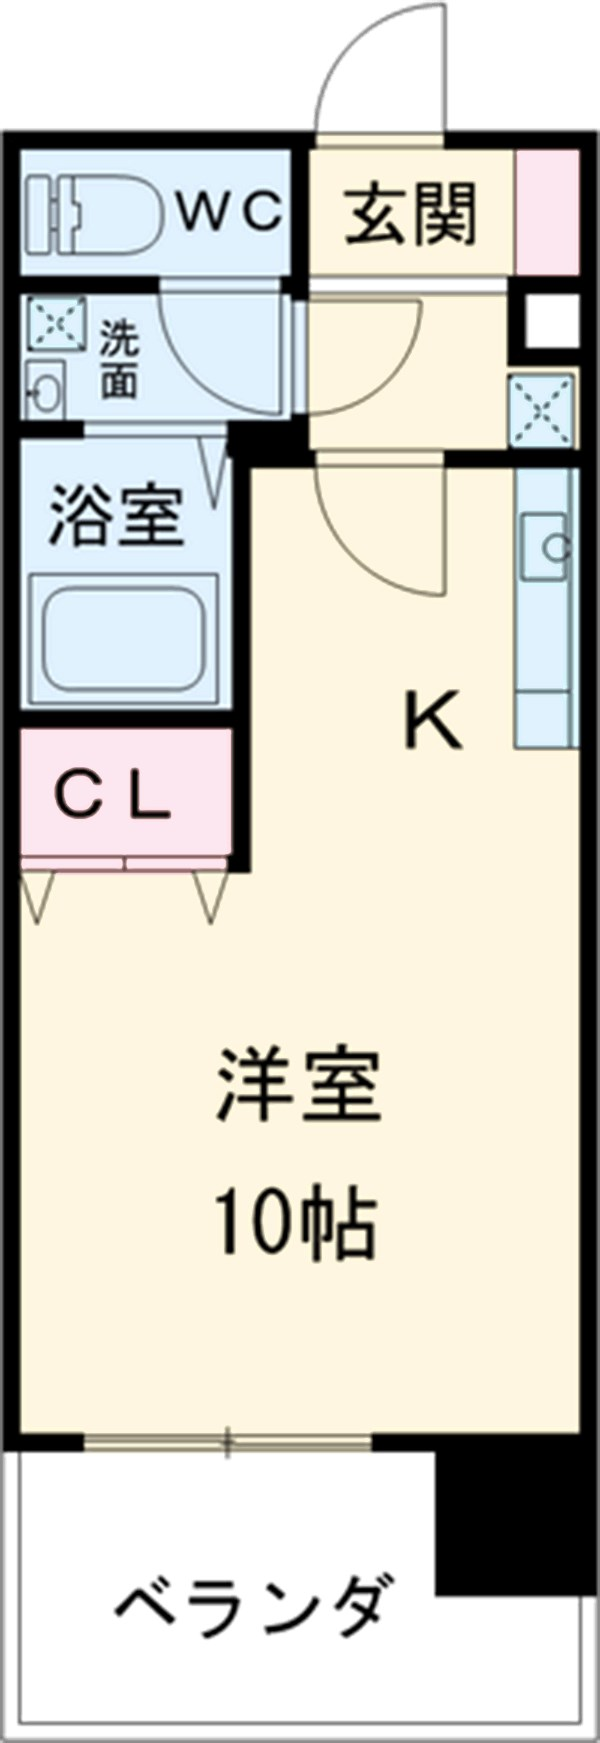 KDXレジデンス神宮前・1002号室の間取り